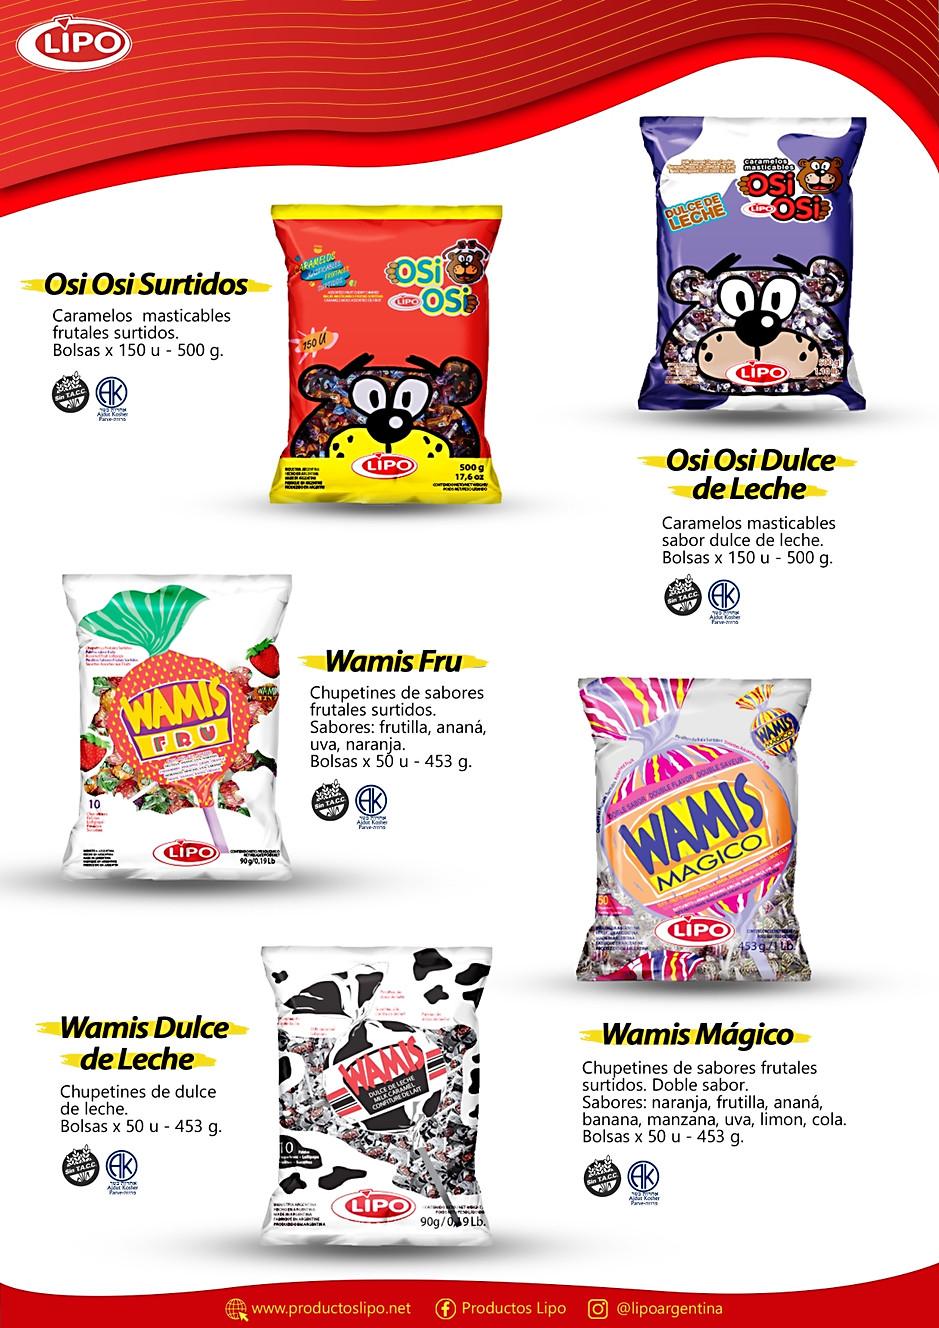 Catalogo Lipo RGB_page-0004.jpg